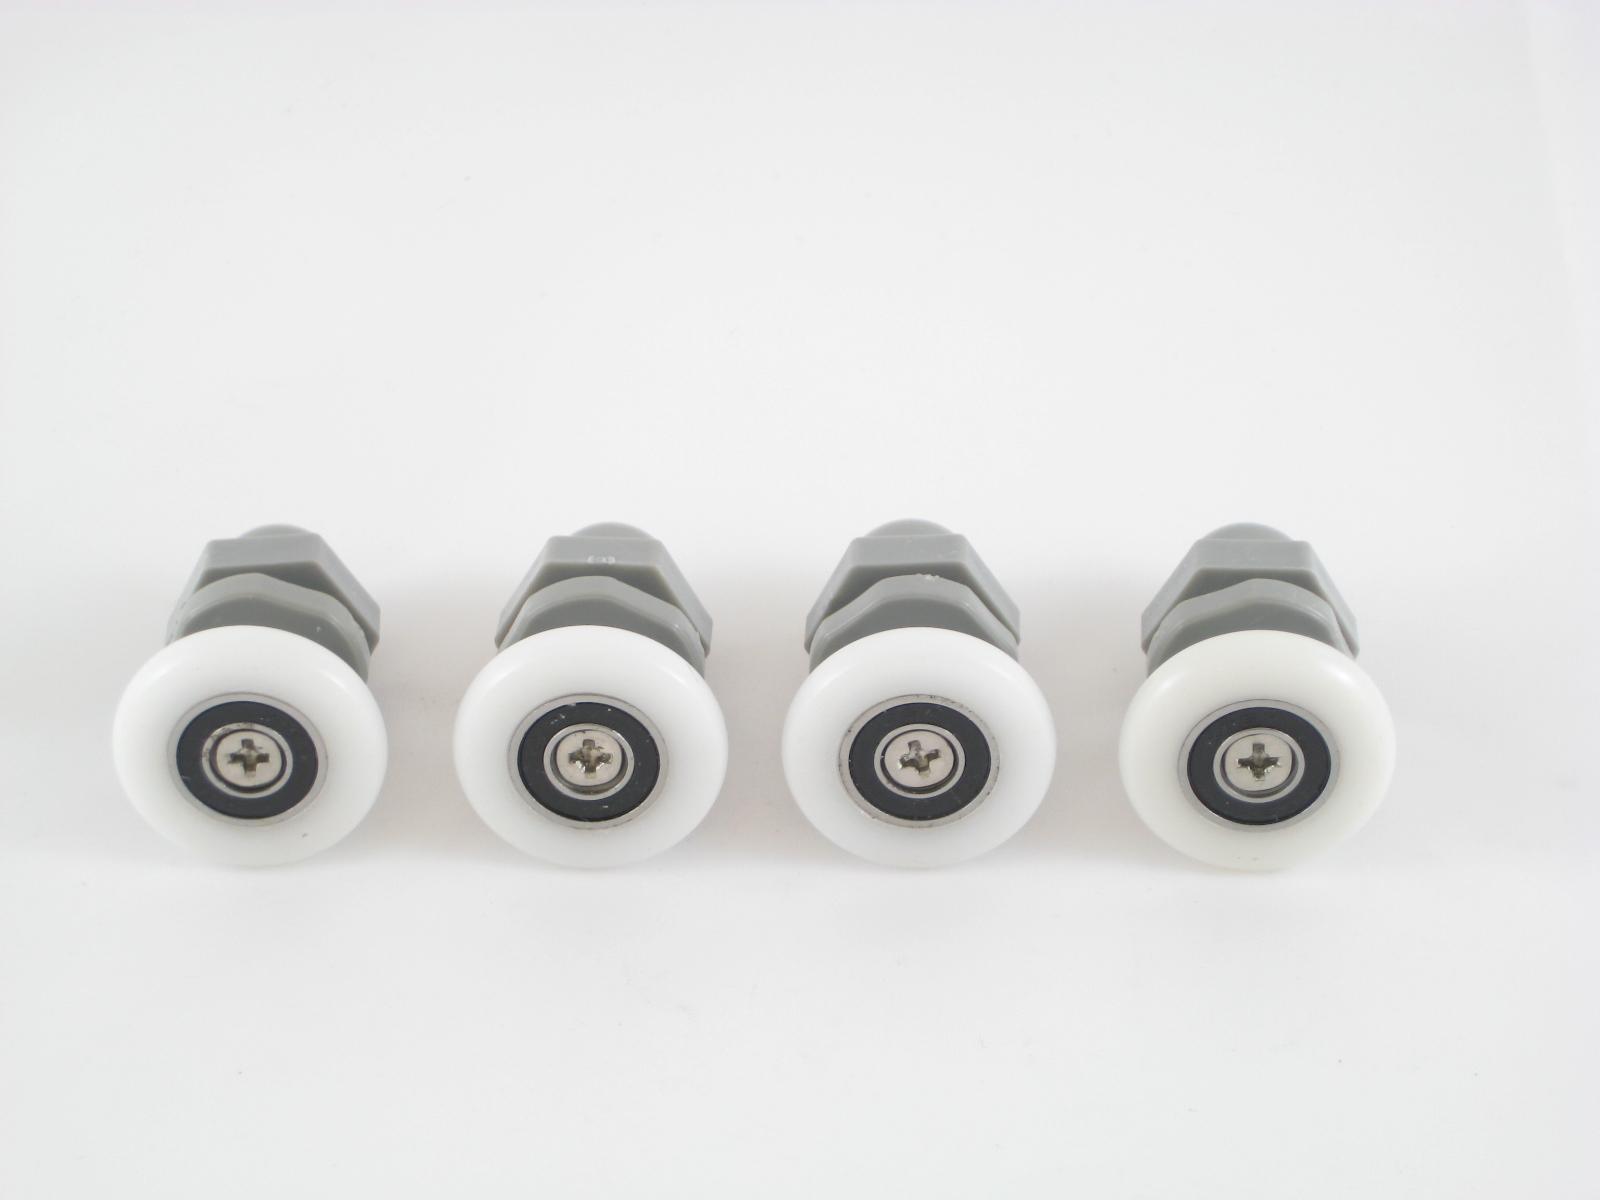 Roulette de diamètre 26mm (par lot de 4 roulettes).